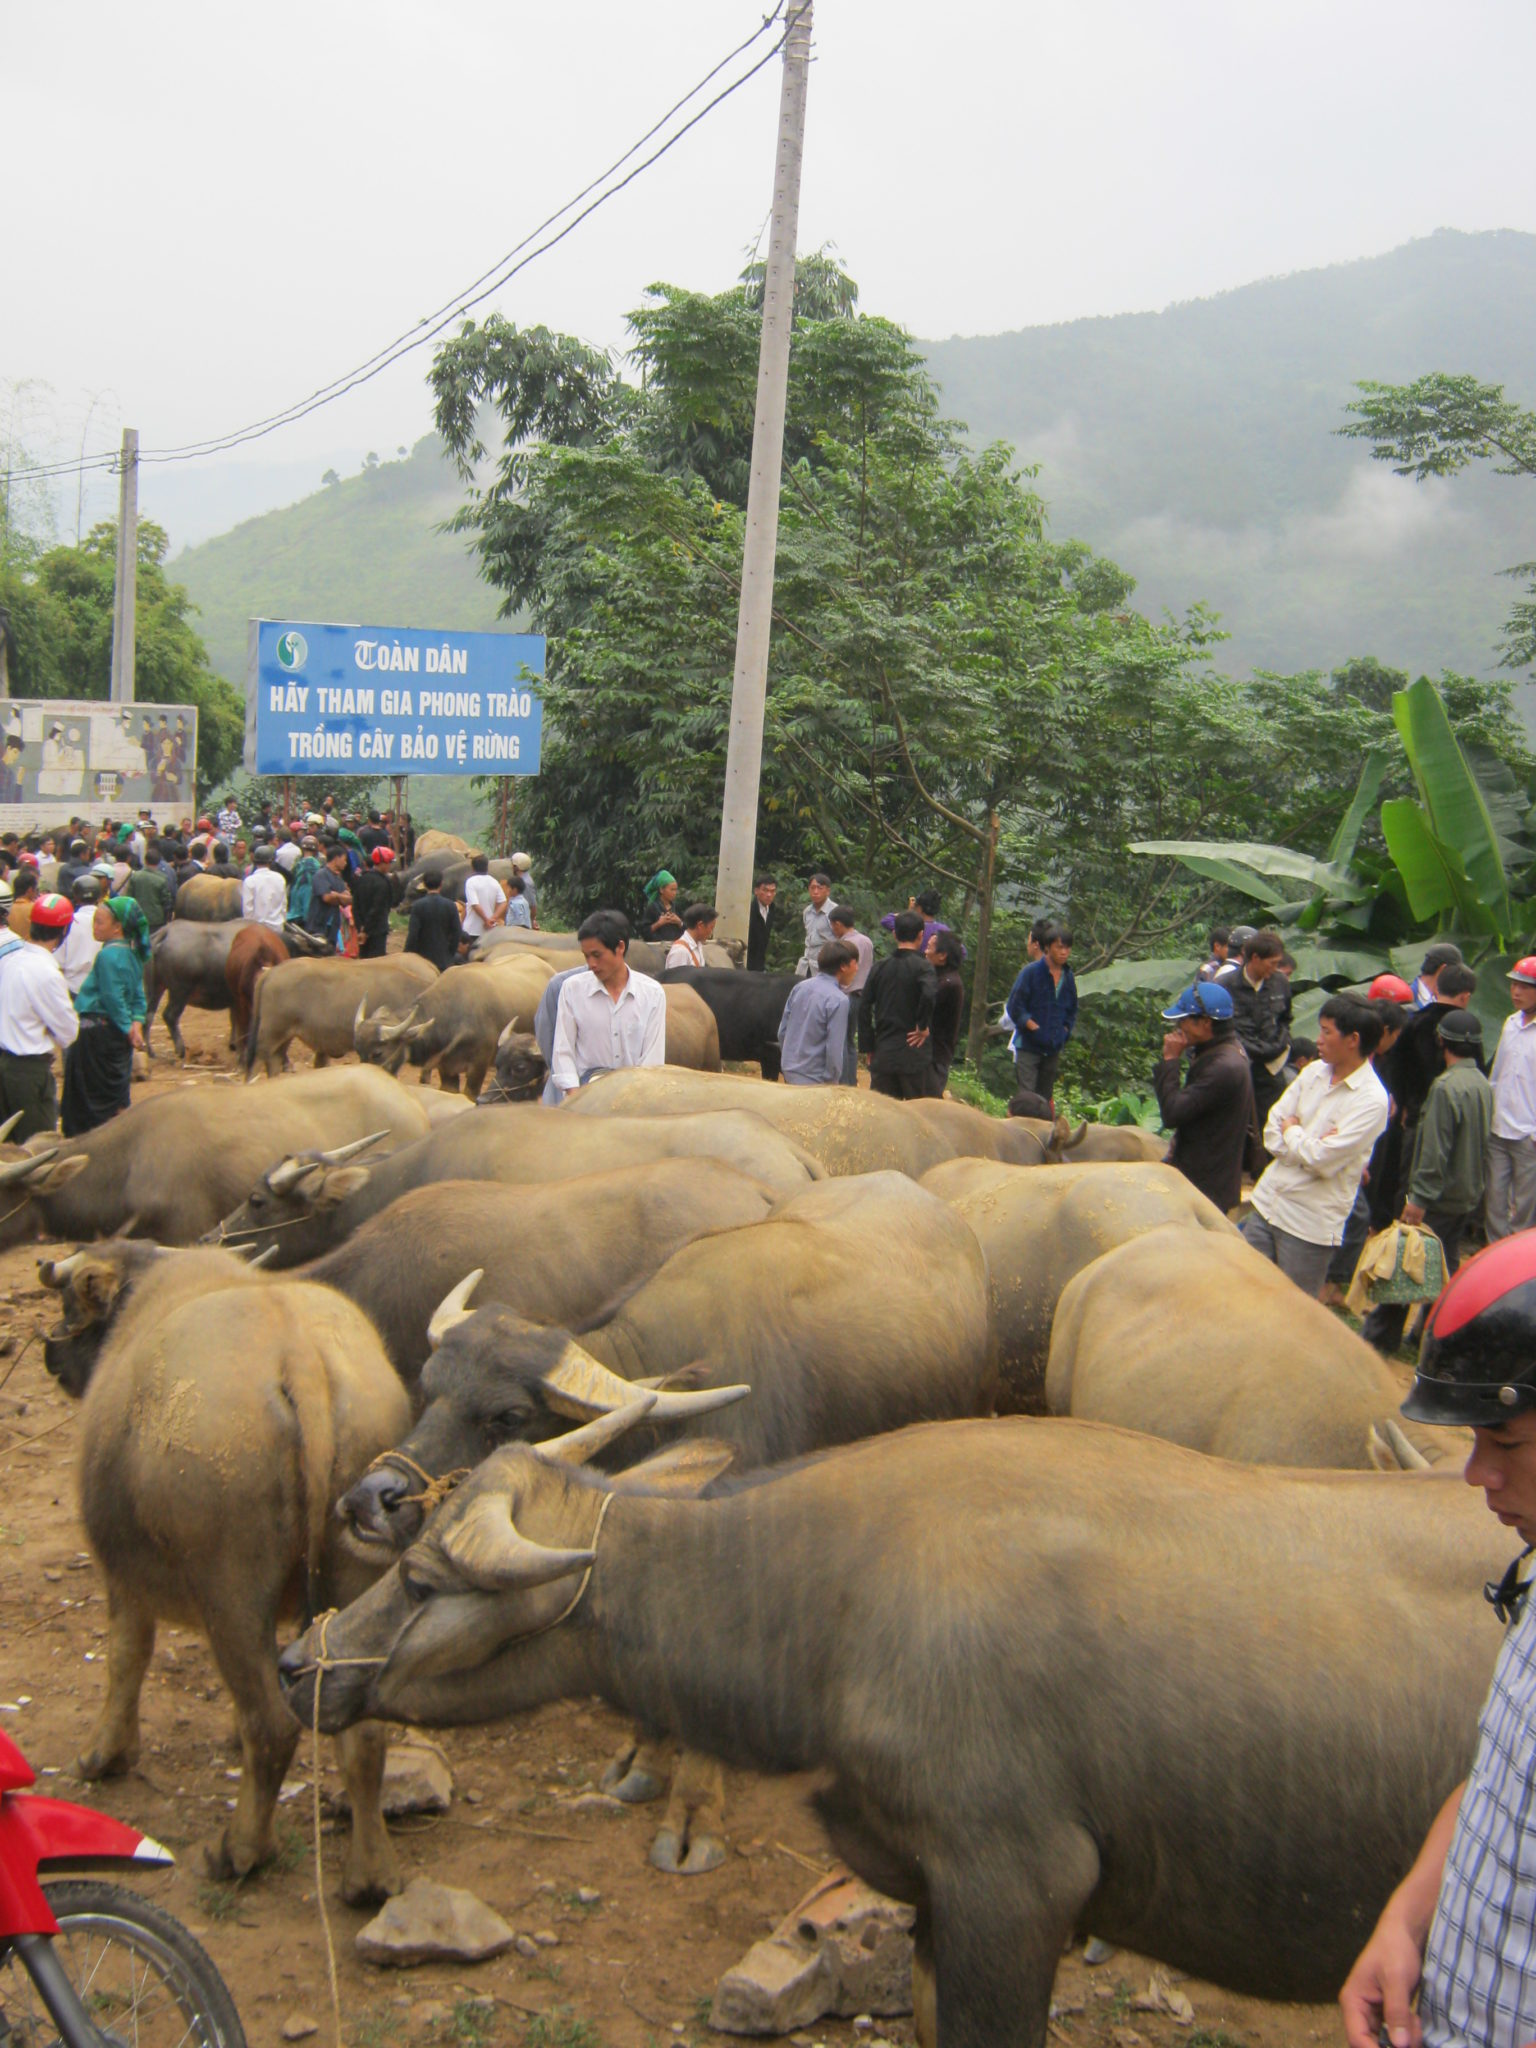 Buffles en vente Marché Xin Man, ou Coc Pai, Ha Giang